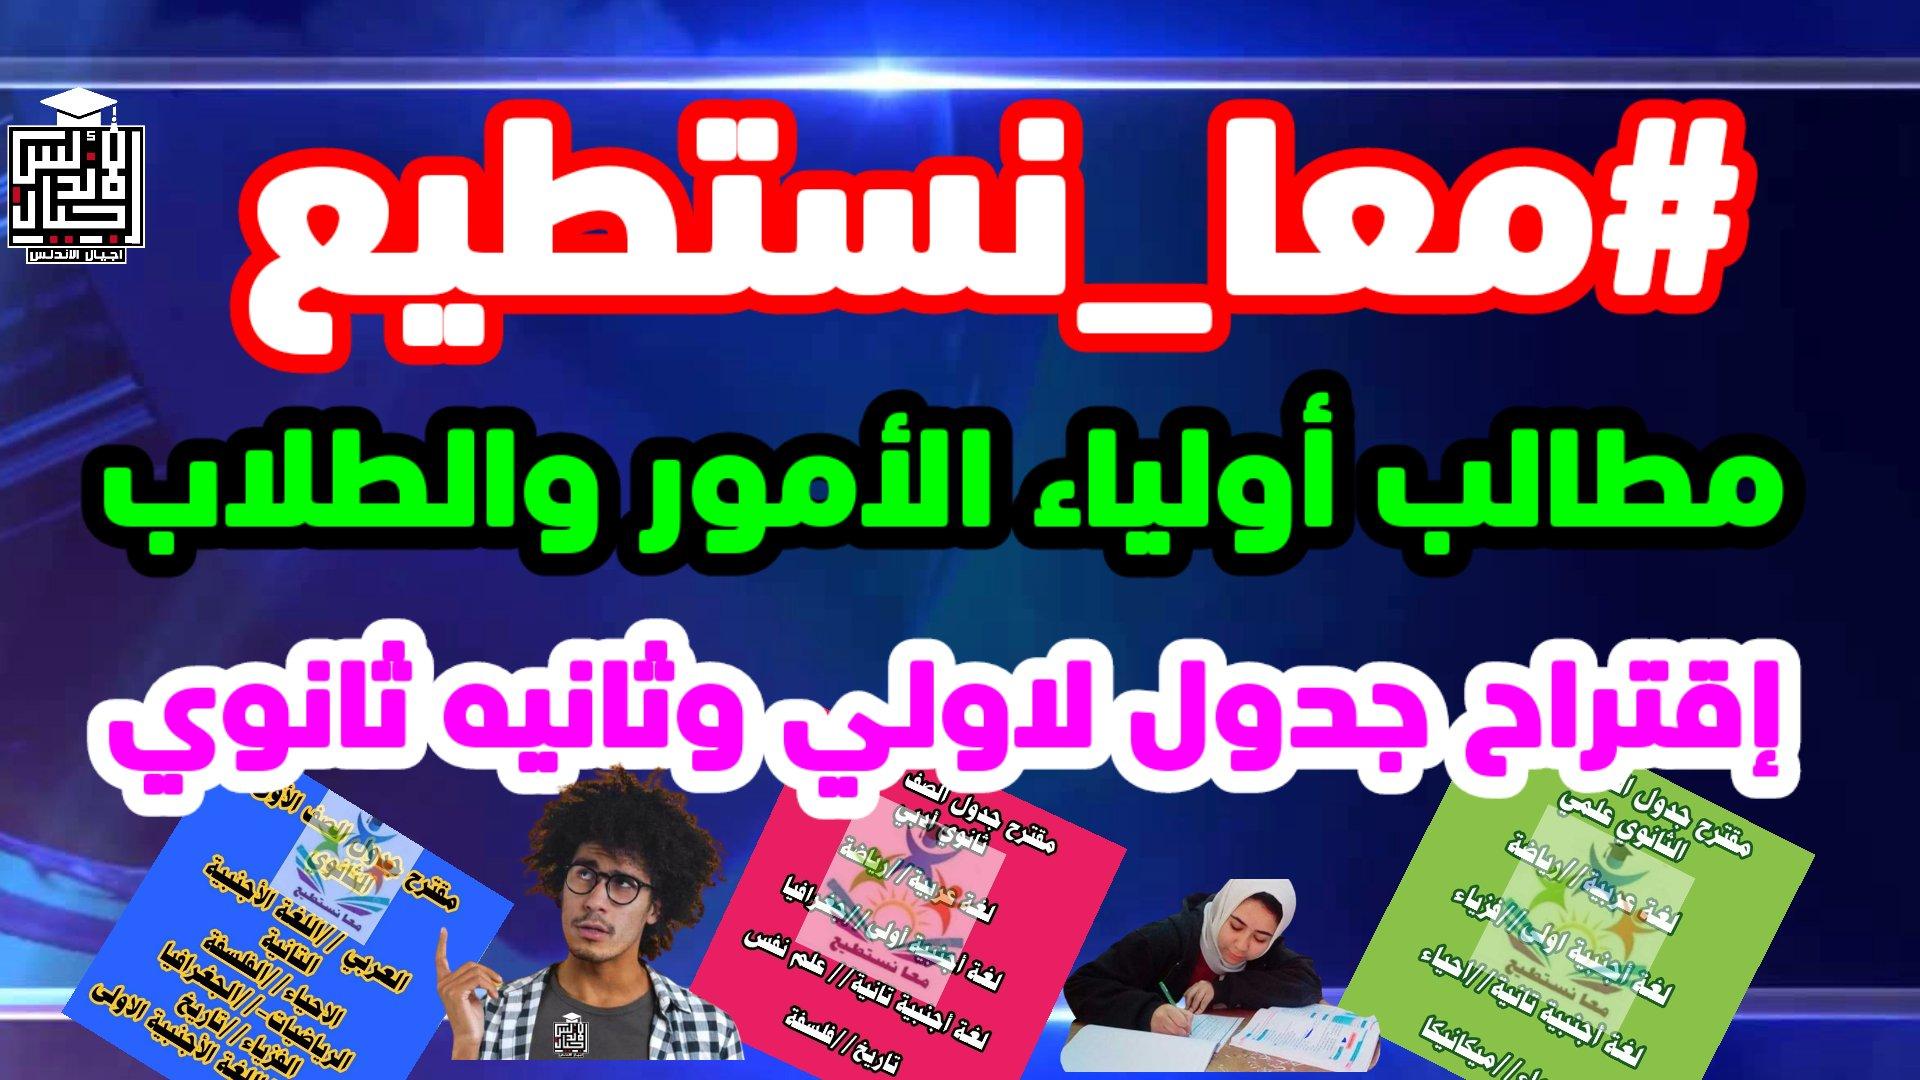 مطالب اولياء الامور والطلاب بعد قرارات وزير التعليم - اقتراح جدول لاولي وثانيه ثانوي